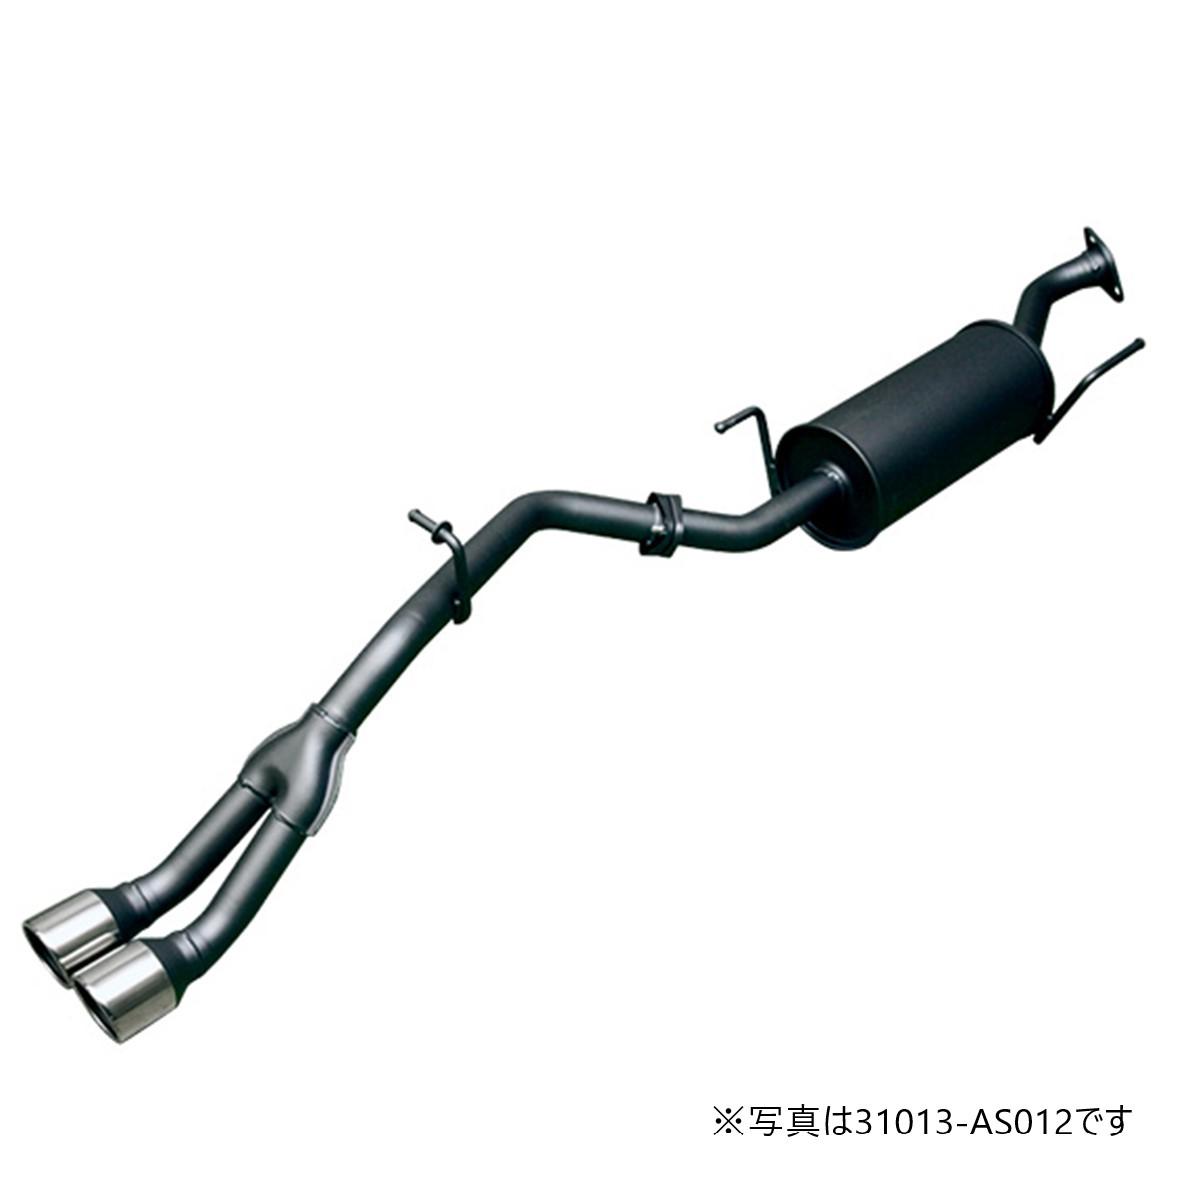 排気系パーツ, マフラー  DA17W HKS 31013-AS013